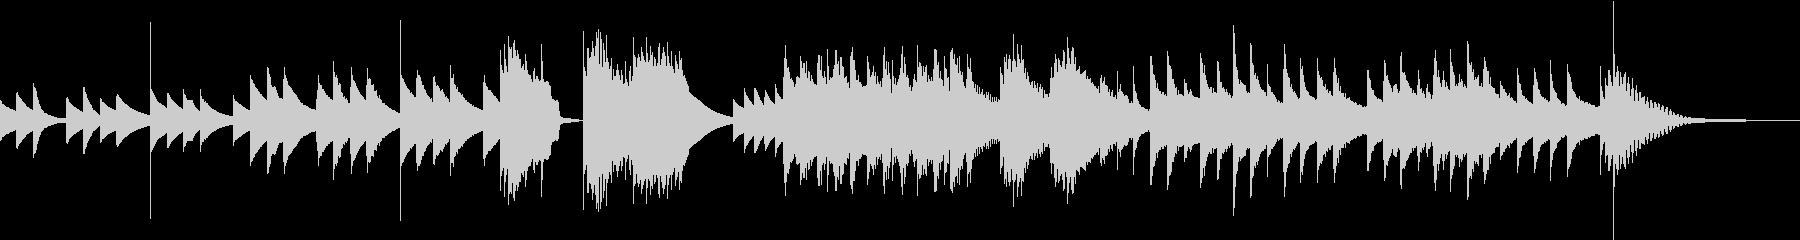 十二音技法を用いた怪しく美しい曲の未再生の波形